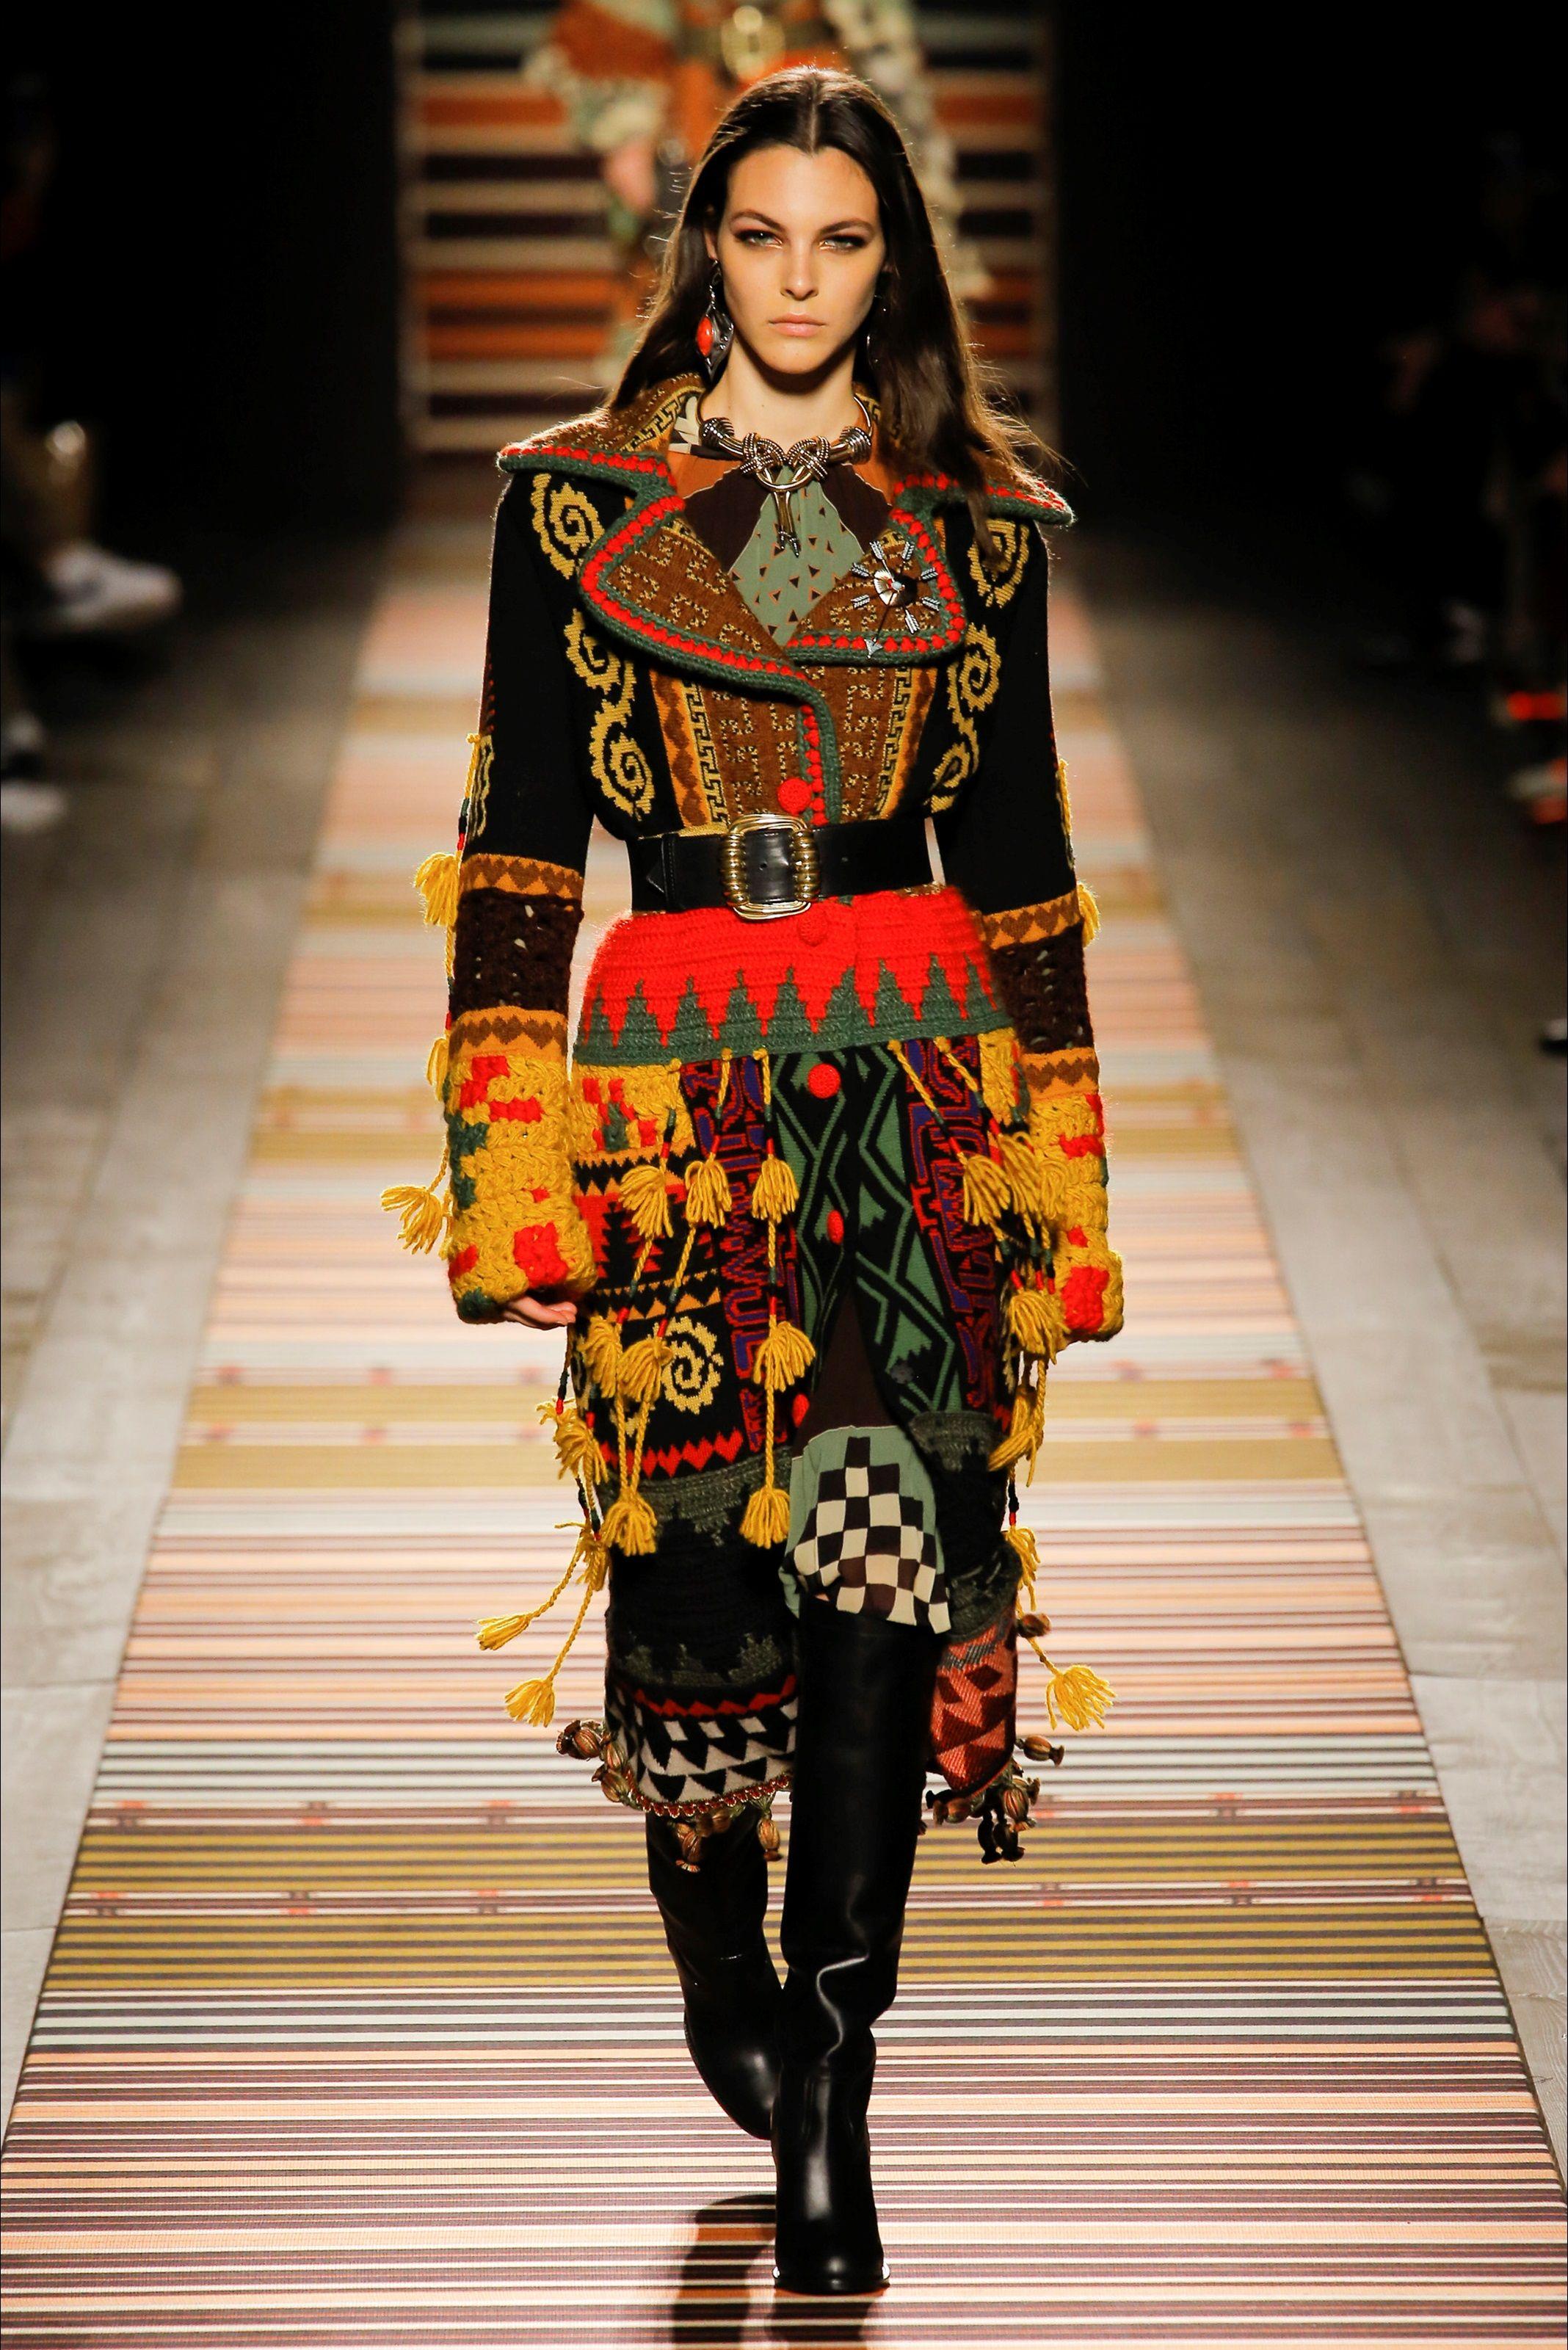 8614c195eae2c Guarda la sfilata di moda Etro a Milano e scopri la collezione di abiti e  accessori per la stagione Collezioni Autunno Inverno 2018-19.